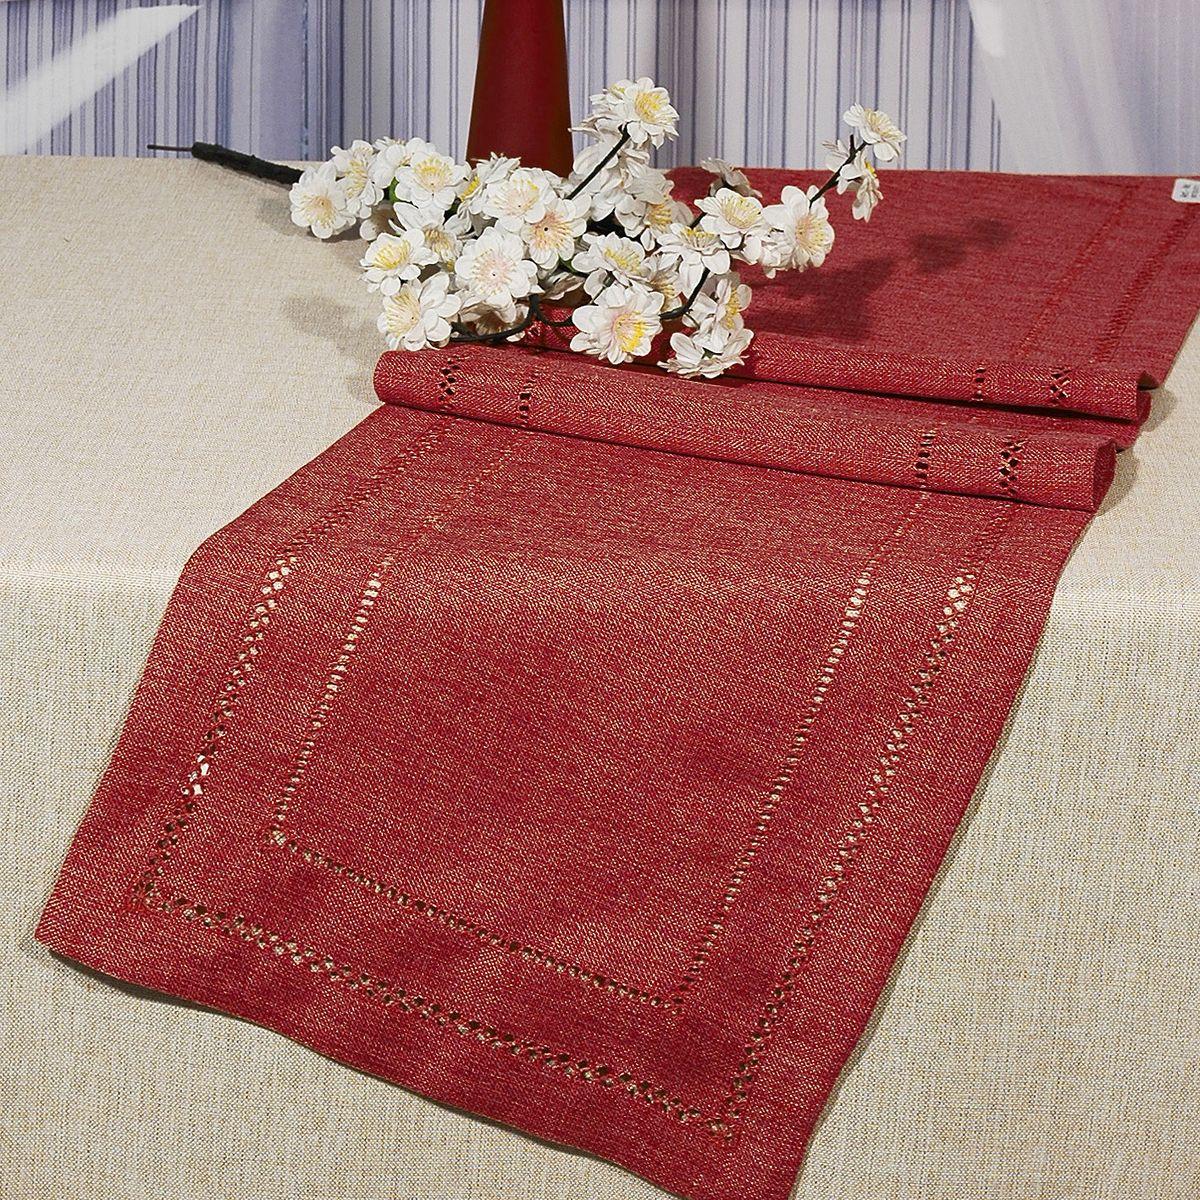 Дорожка для декорирования стола Schaefer, 40x90 см. 06730-20006730-200